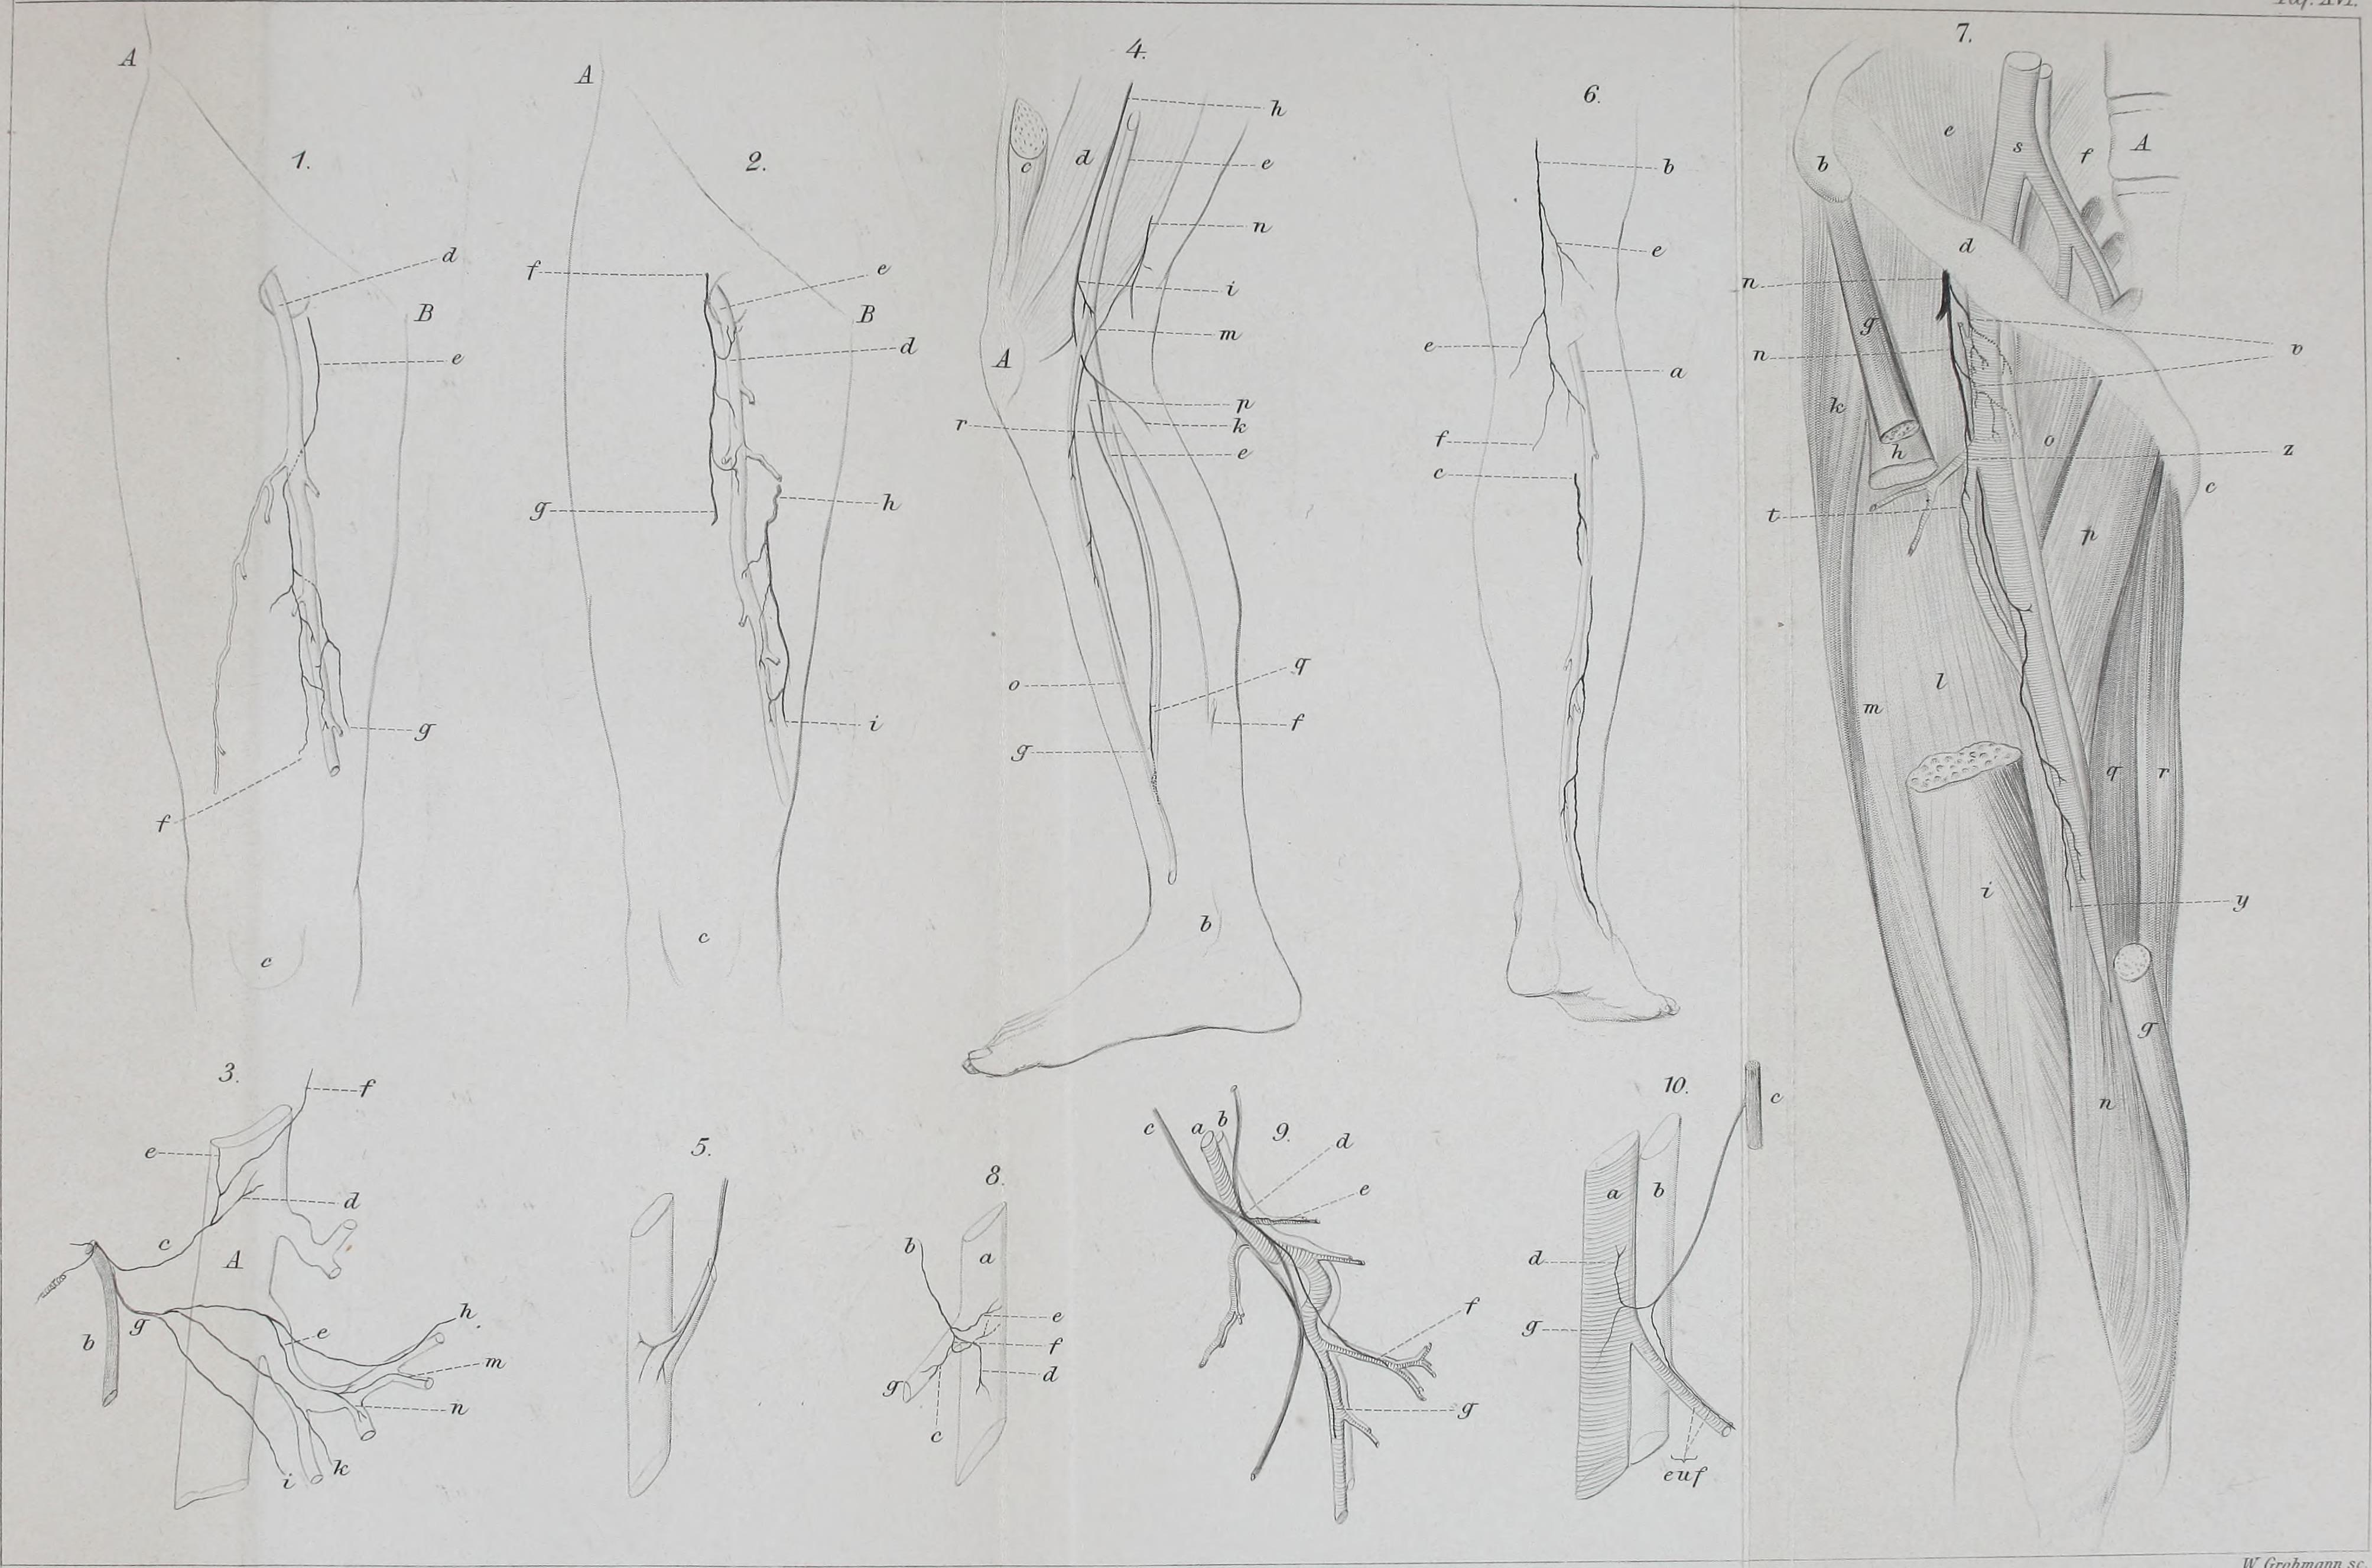 Ziemlich Bärenmuskelanatomie Bilder - Anatomie Ideen - finotti.info